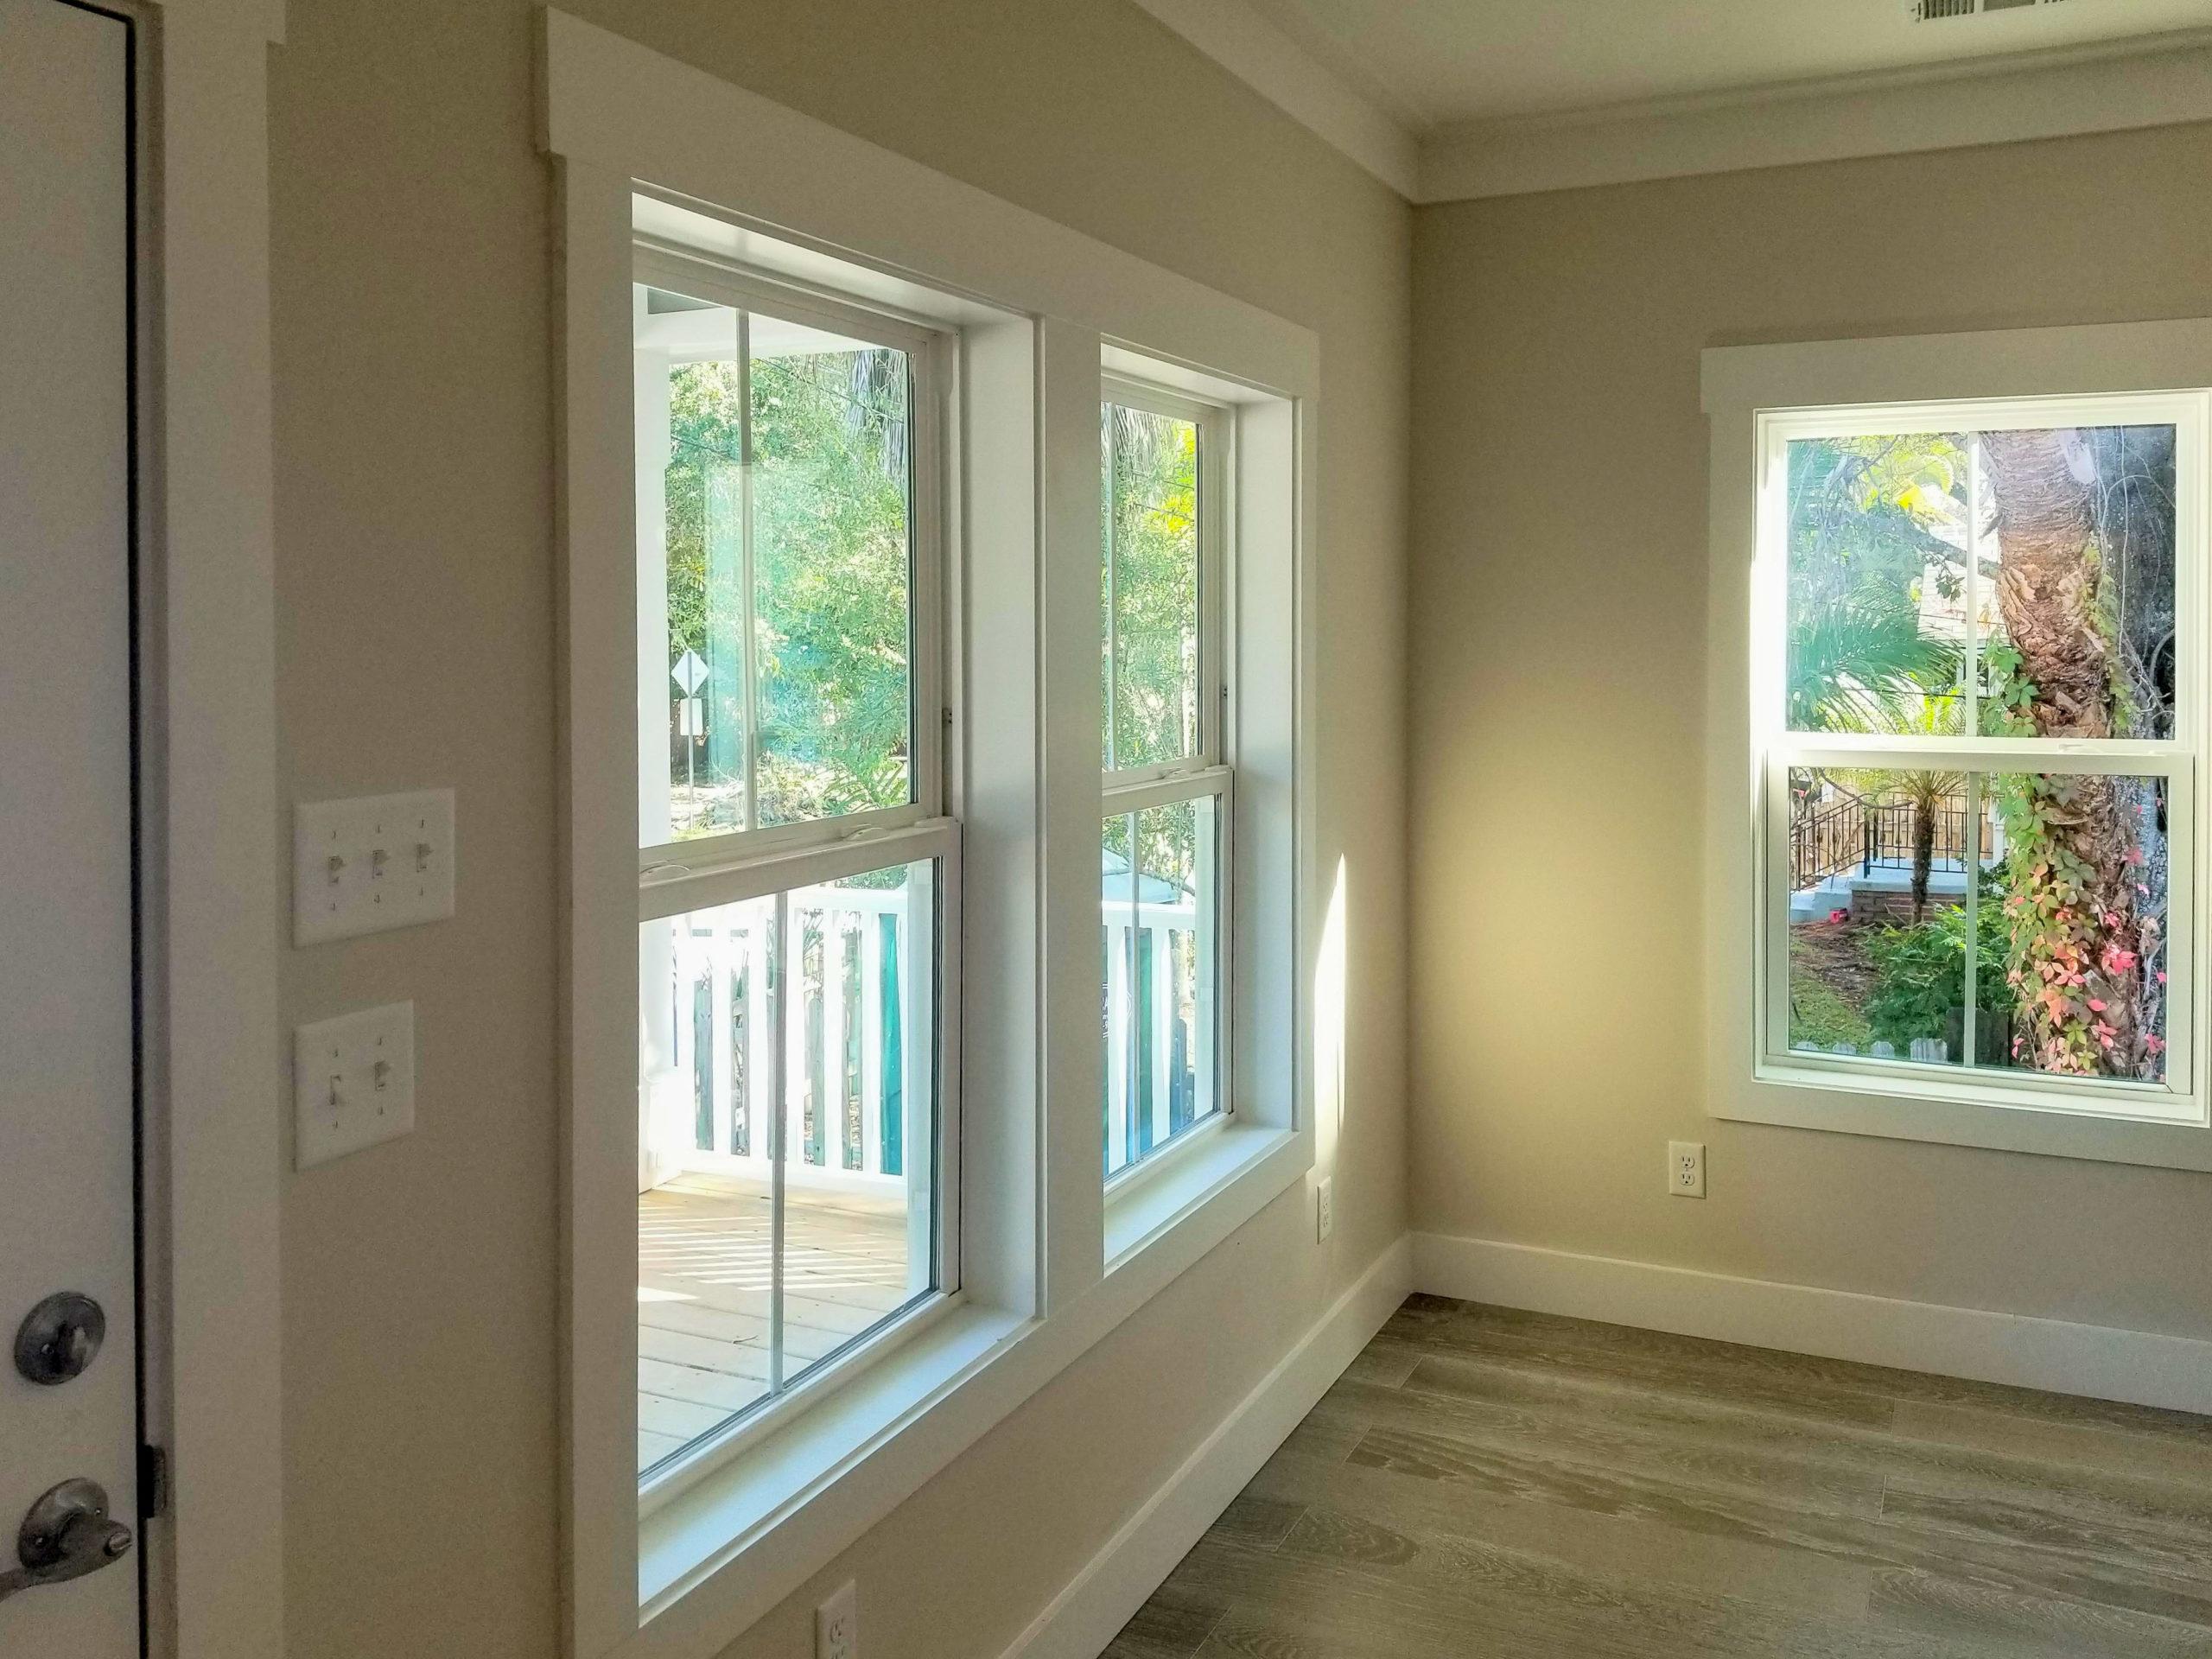 sapelo modular home living room window